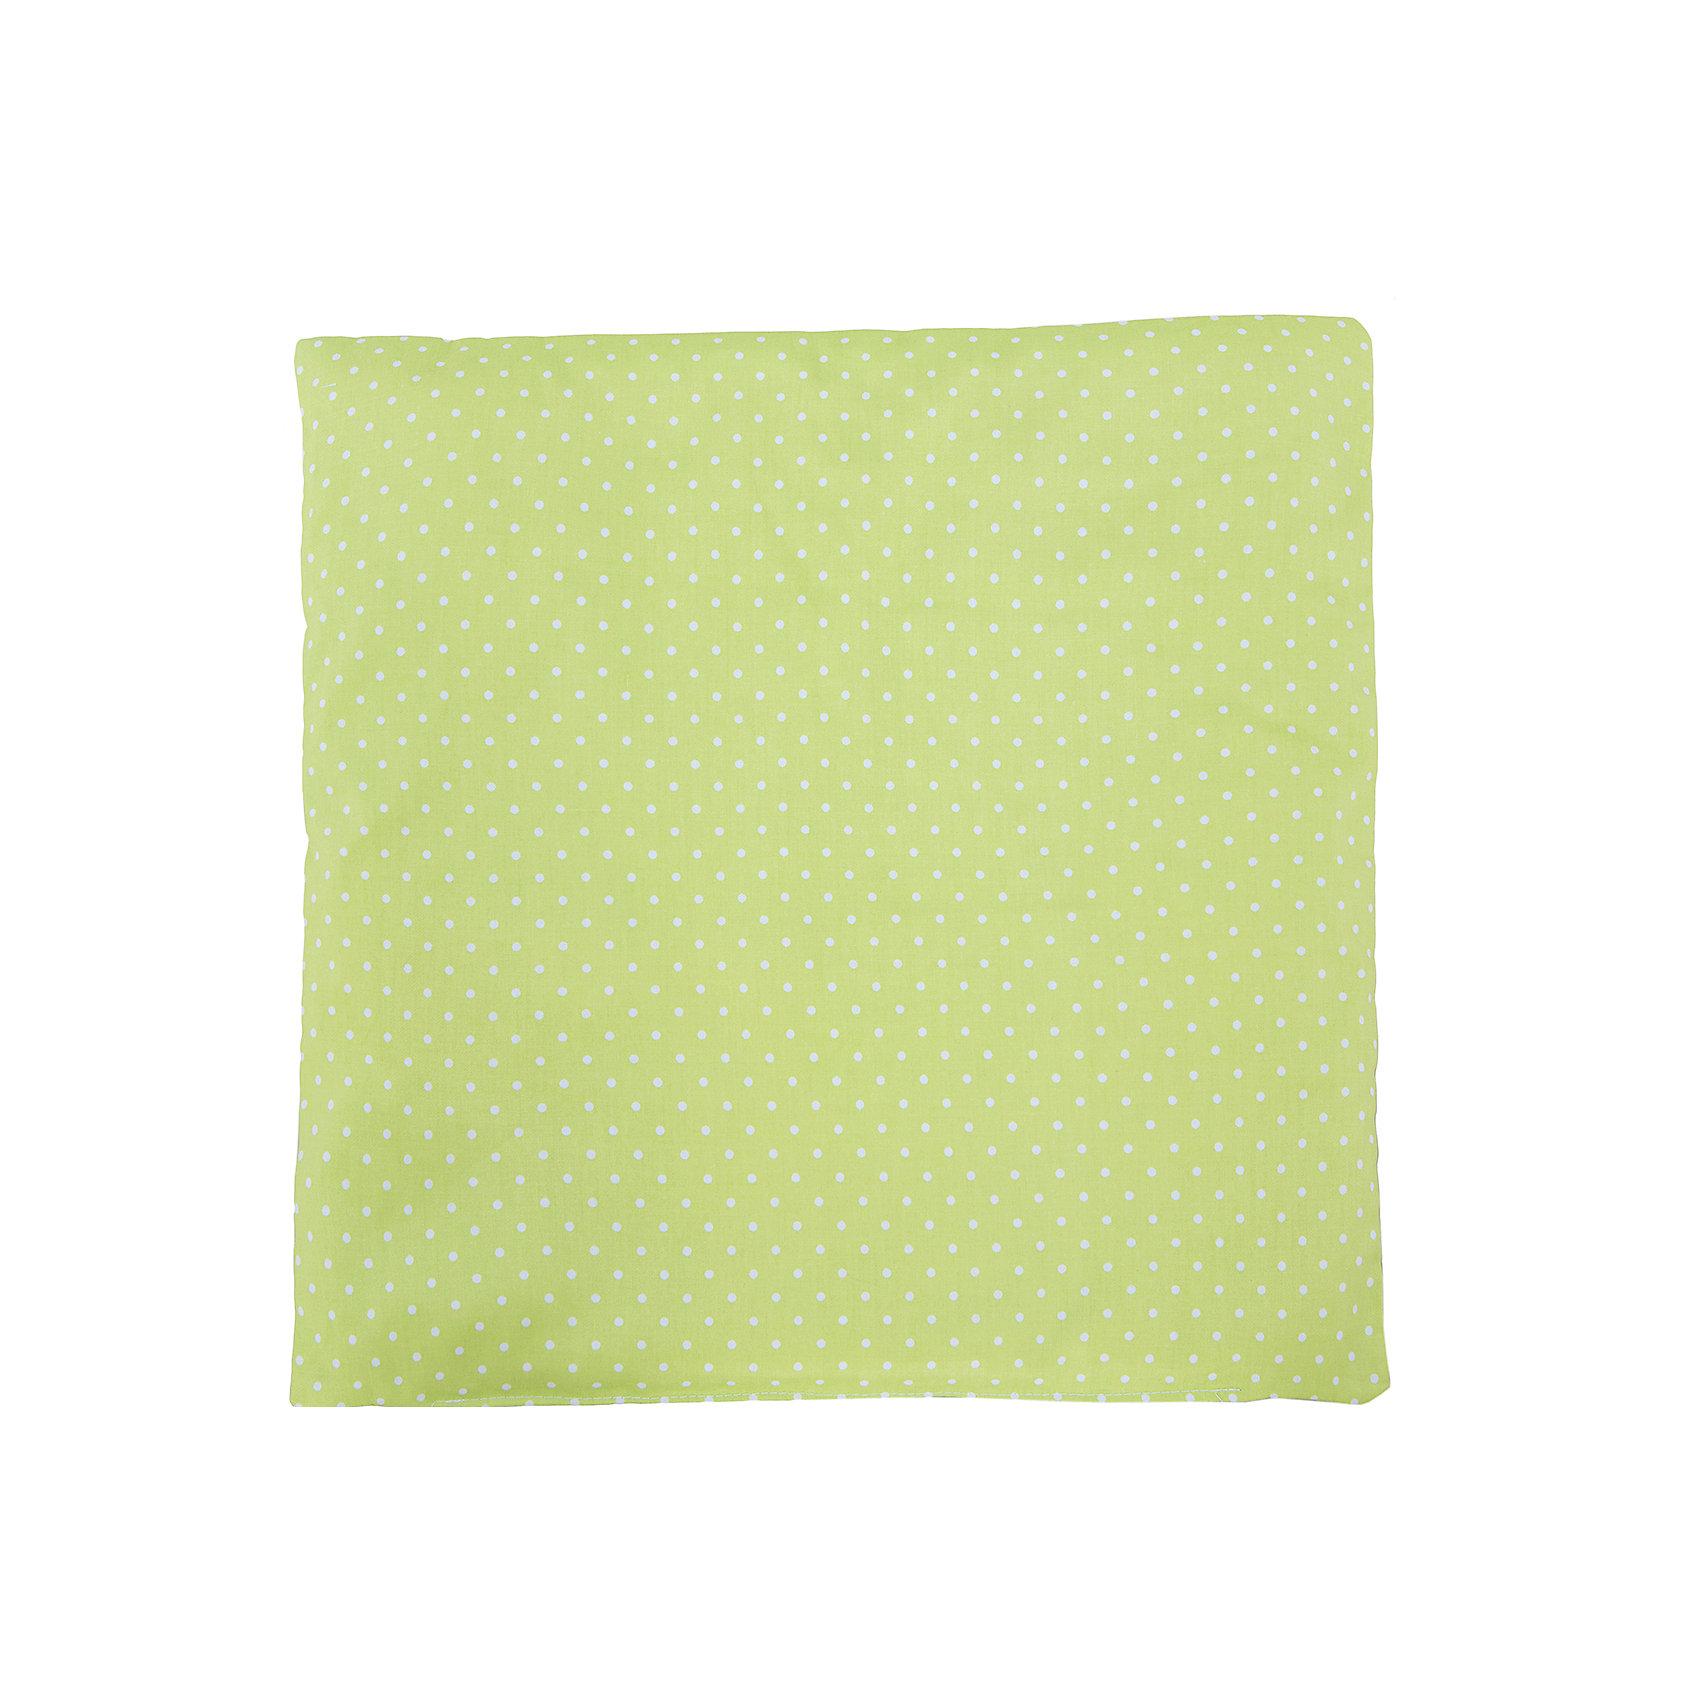 Подушка 40х40, Горошки, Soni kids, салатовыйЭто красивая и очень удобная подушка, сделанная специально для Вашего малыша!<br><br>Дополнительная информация:<br><br>- Размер подушки: 40х40 см.<br>- Материал: 100% хлопок.<br>- Наполнитель: антиаллергенный холлофайбер.<br>- Цвет: салатовый.<br>- Размер упаковки: 40х40х10 см.<br>- Вес в упаковке: 600 г.<br><br>Купить подушку Горошки от Soni Kids, в салатовом цвете, можно в нашем магазине.<br><br>Ширина мм: 400<br>Глубина мм: 400<br>Высота мм: 100<br>Вес г: 600<br>Возраст от месяцев: 0<br>Возраст до месяцев: 36<br>Пол: Унисекс<br>Возраст: Детский<br>SKU: 4905956